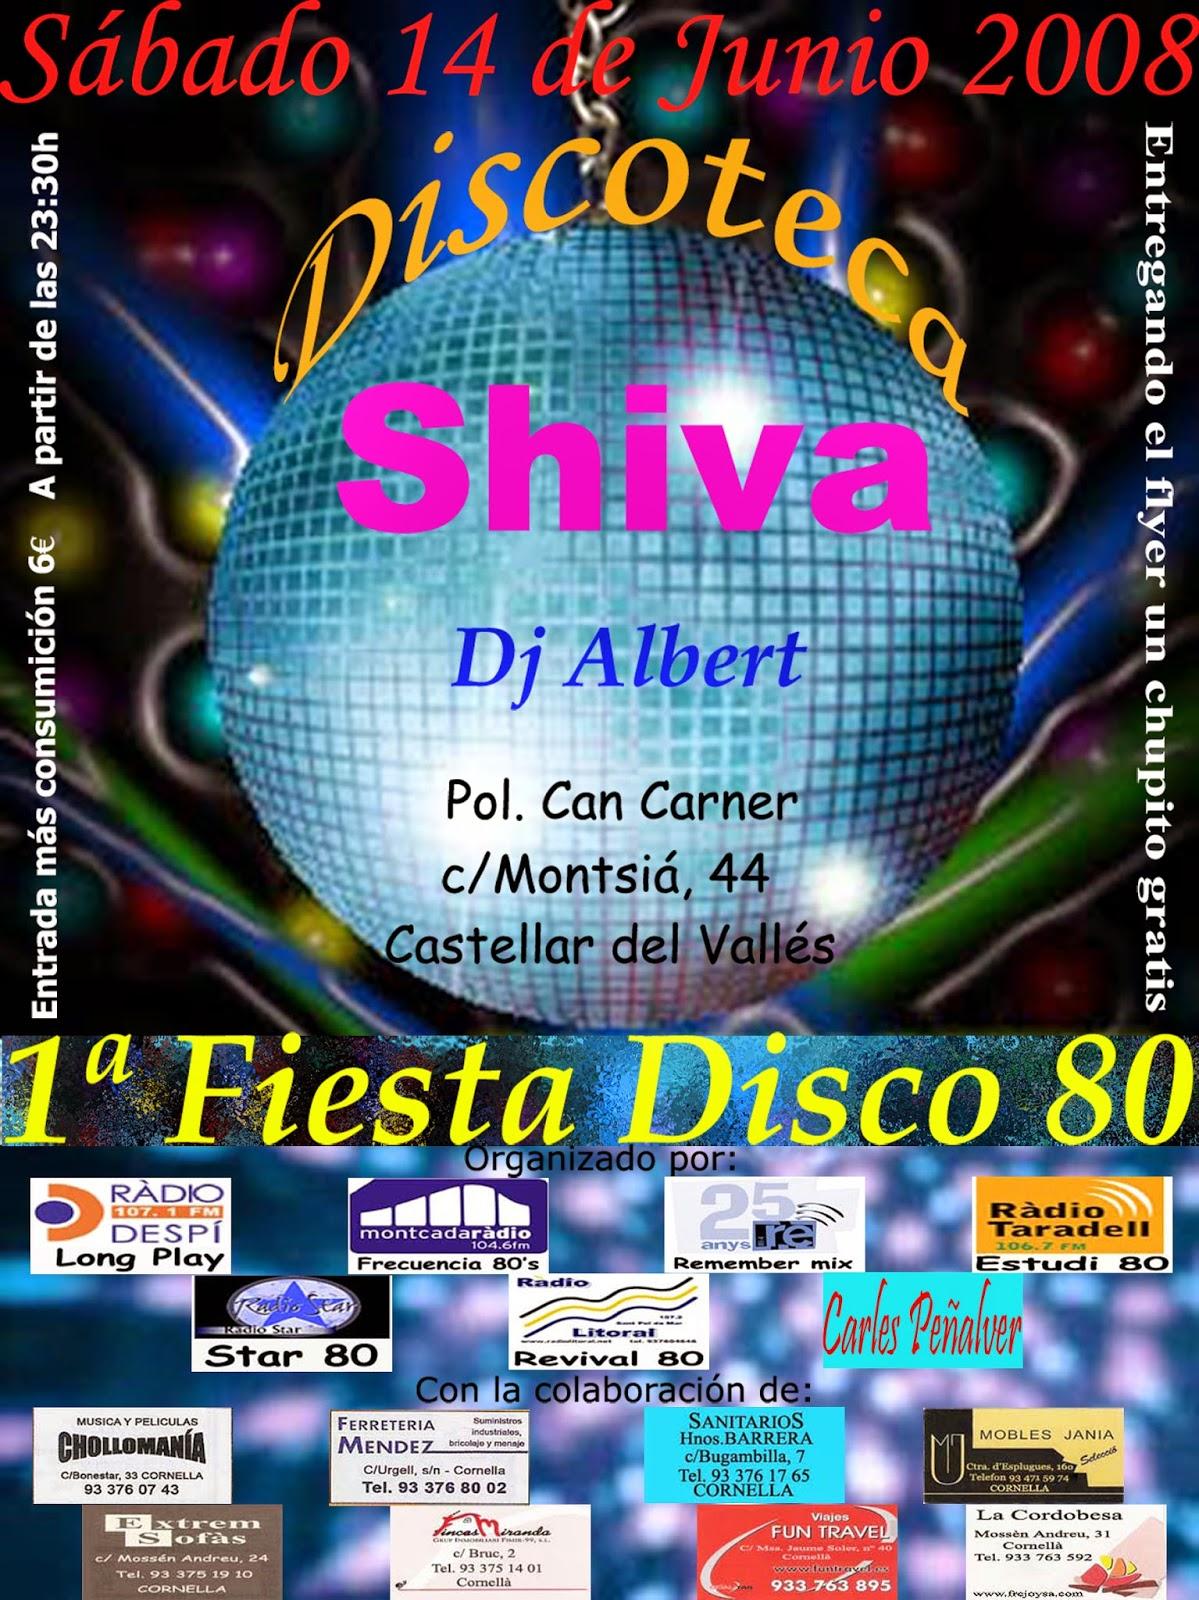 Flyer Shiva 14/06/2008